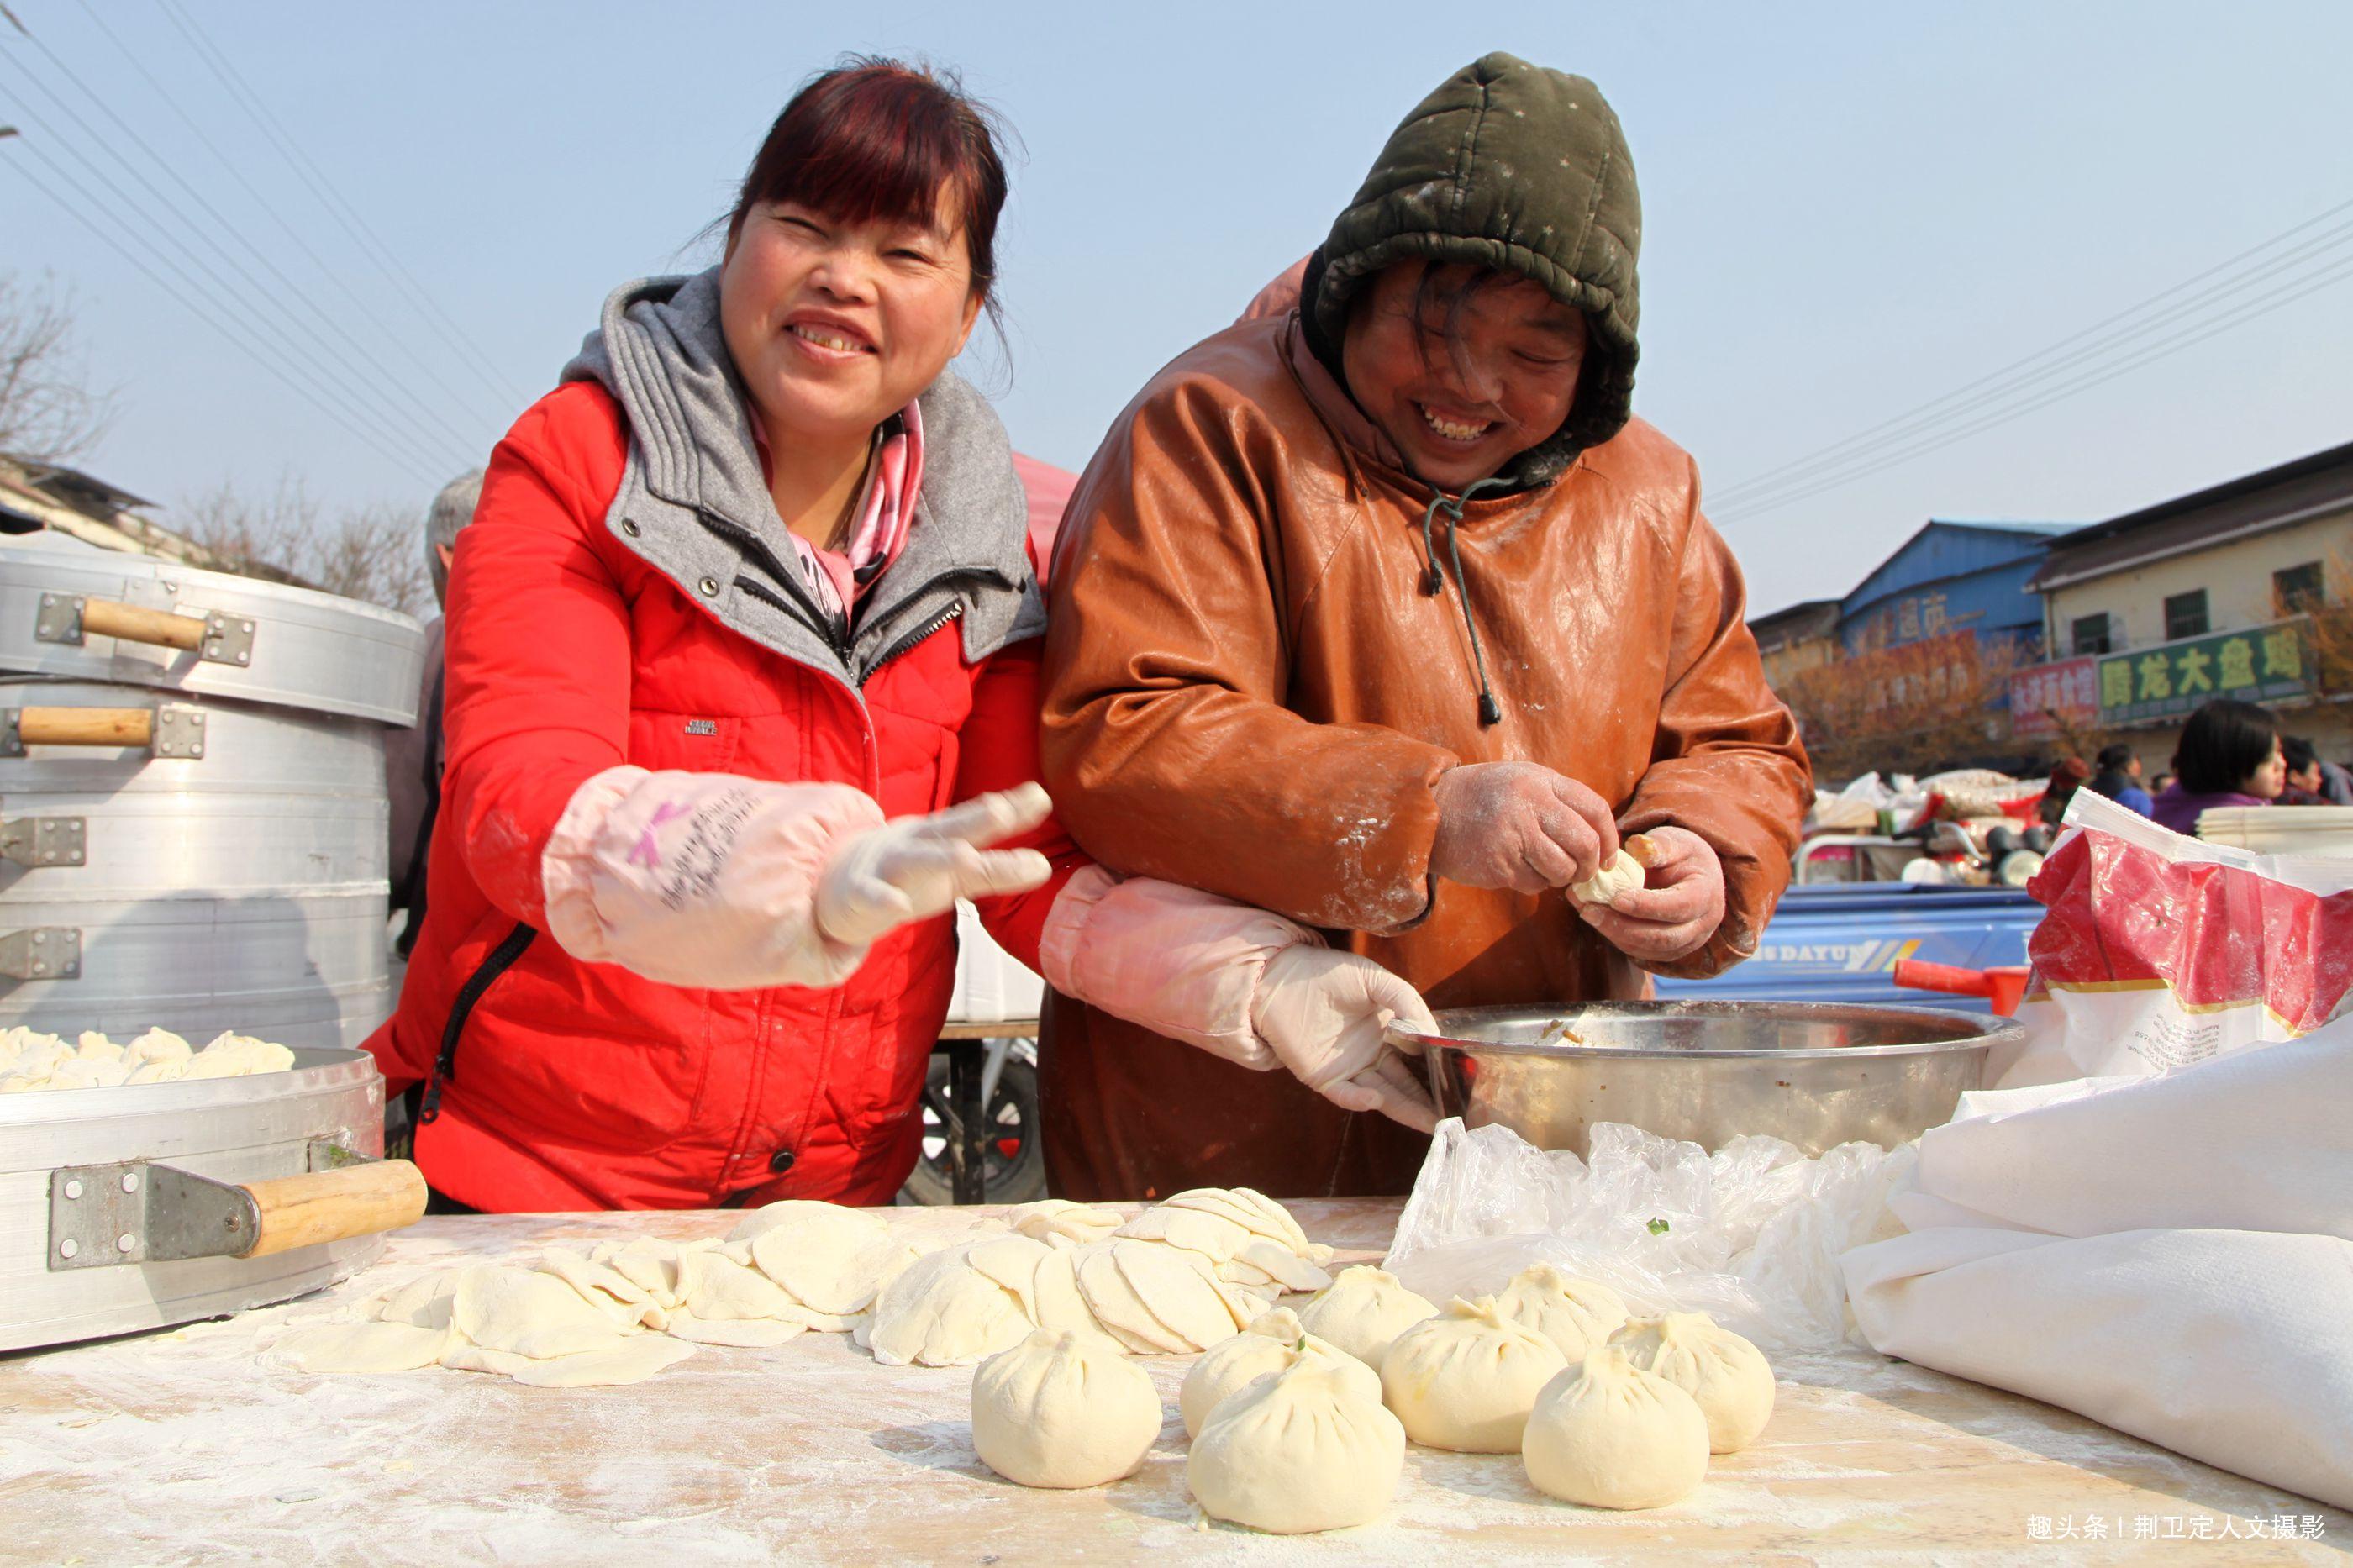 山西农村5旬姐妹俩,合伙卖包子30年不红脸,分配利润办法妙